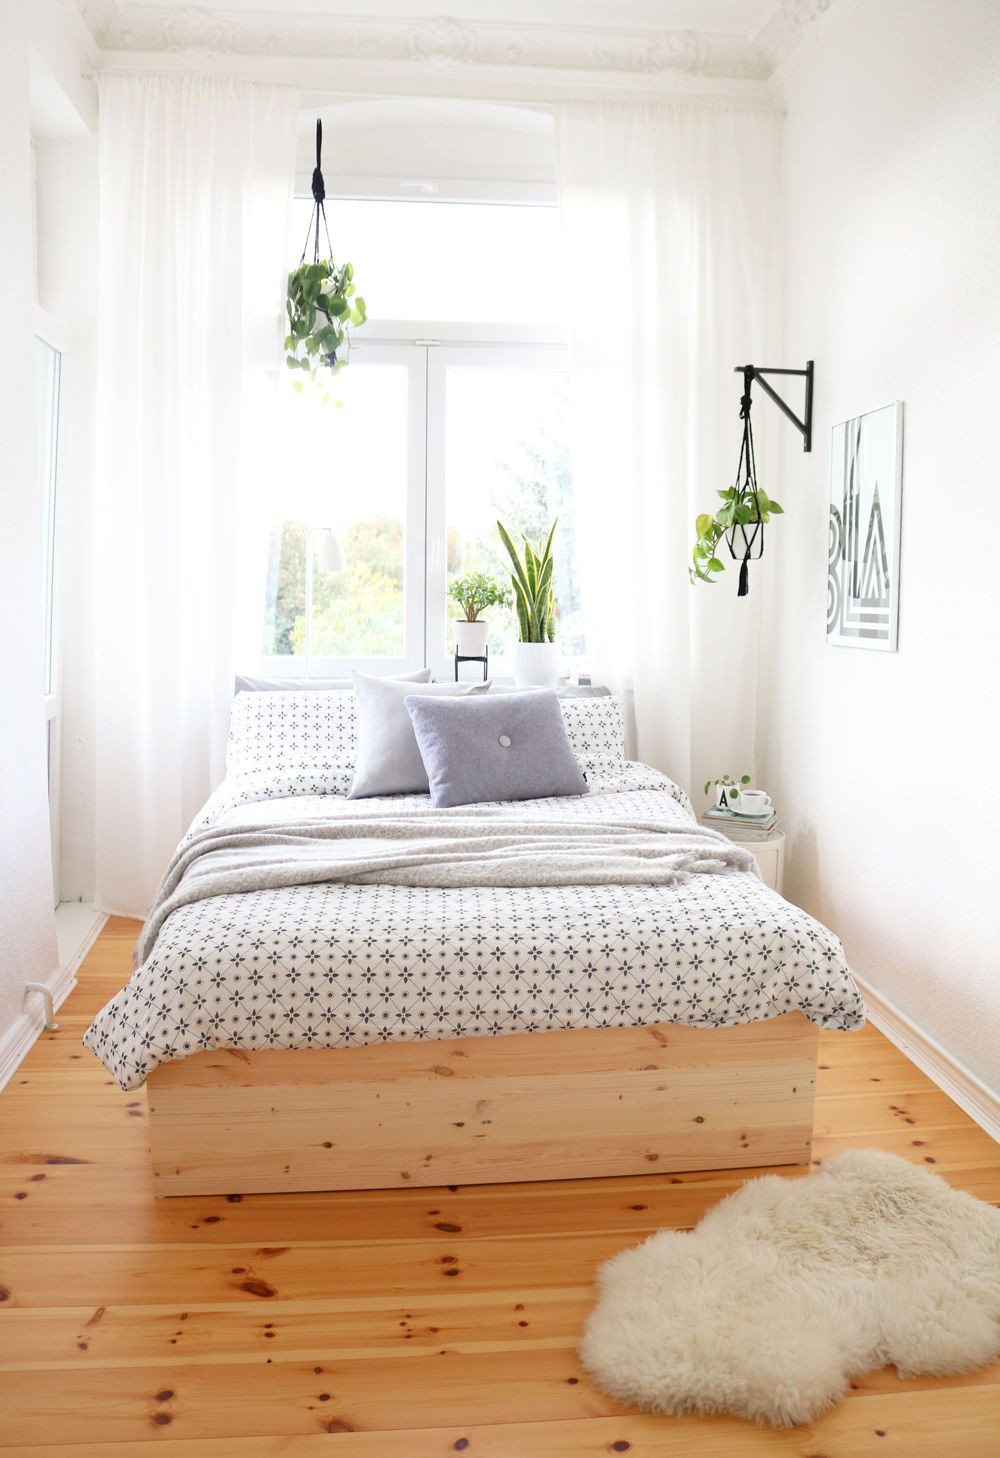 Full Size of Kleine Schlafzimmer Einrichten Gestalten Me Fhrung Beste Günstige Komplett Deckenlampe Mit überbau Set Lampen Stehlampe Wandleuchte Romantische Wohnzimmer Schlafzimmer Gestalten